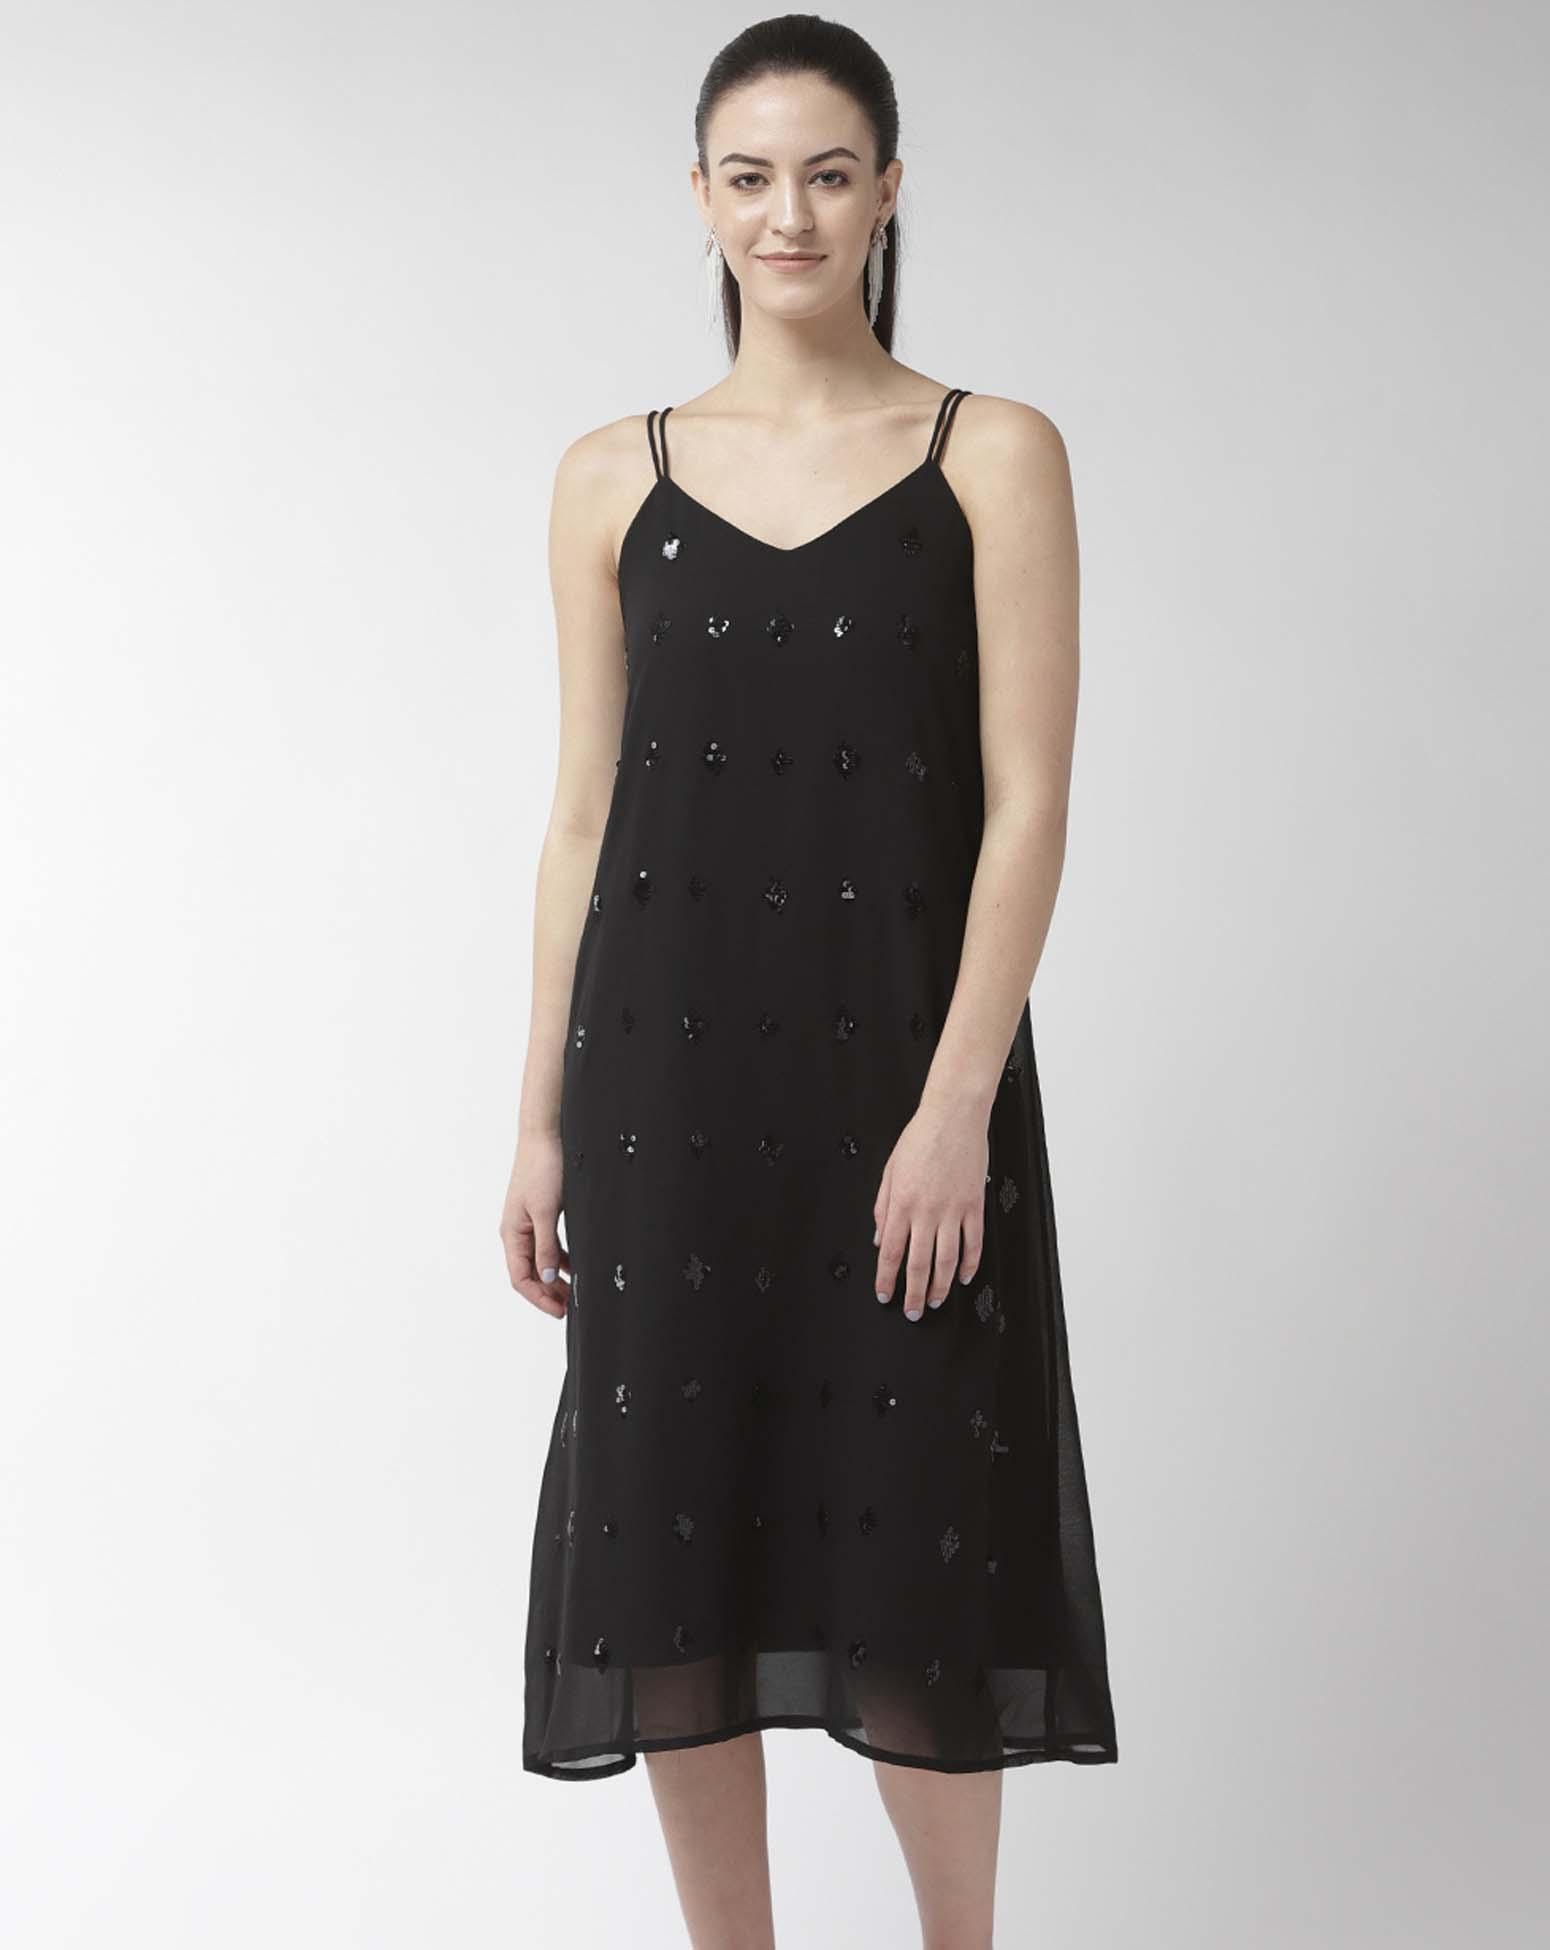 Embellished Black Dress